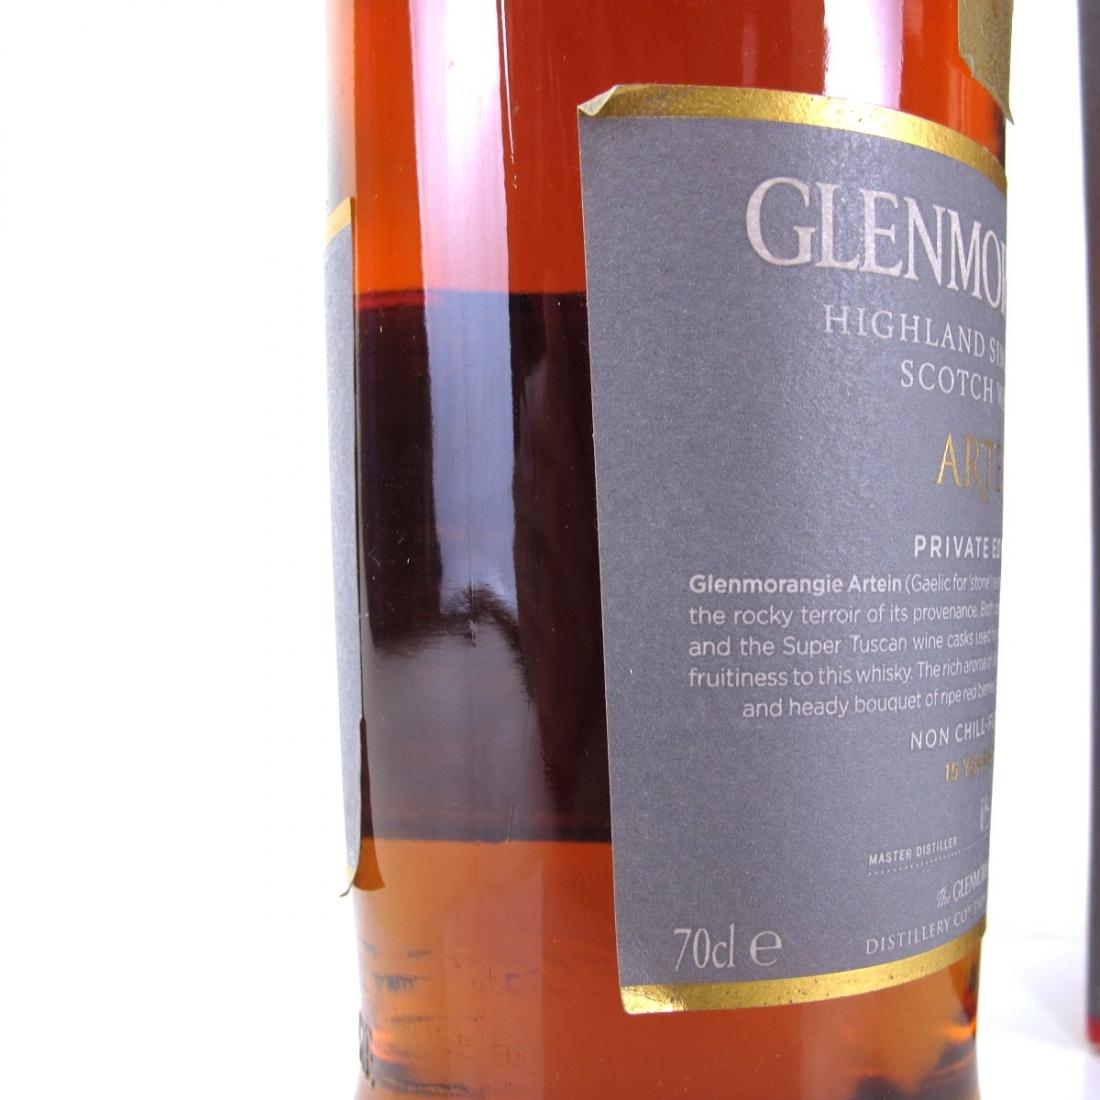 Glenmorangie Artein 15 Year Old